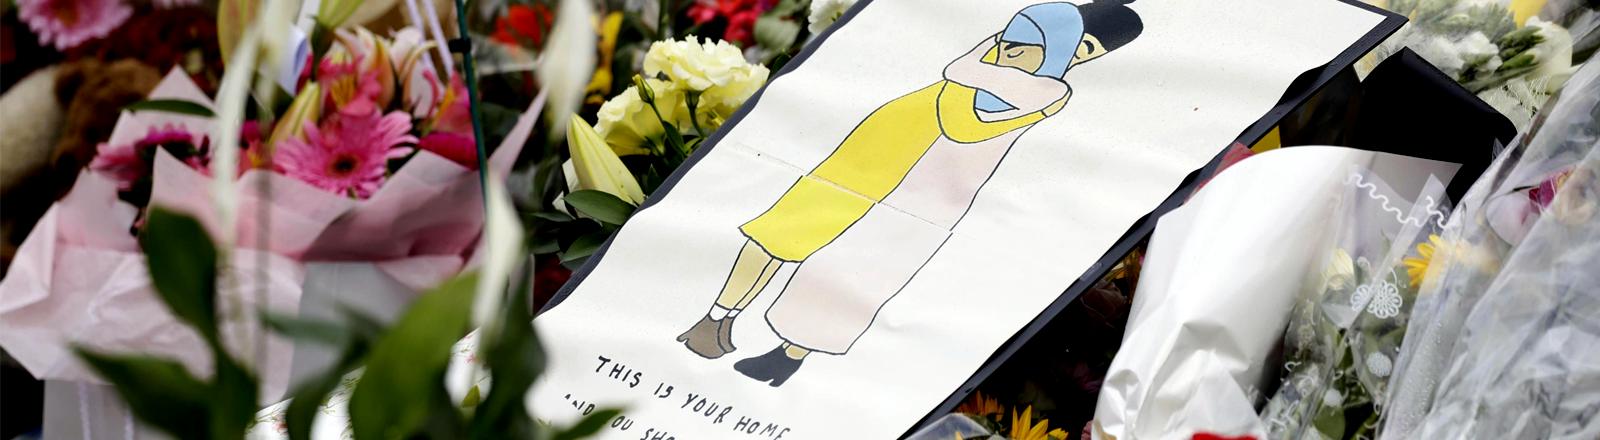 Zwischen Blumen liegt eine Zeichnung auf der sich zwei Menschen umarmen, darunter steht geschrieben: Das ist euer Zuhause, ihr hättet hier sicher sein sollen.